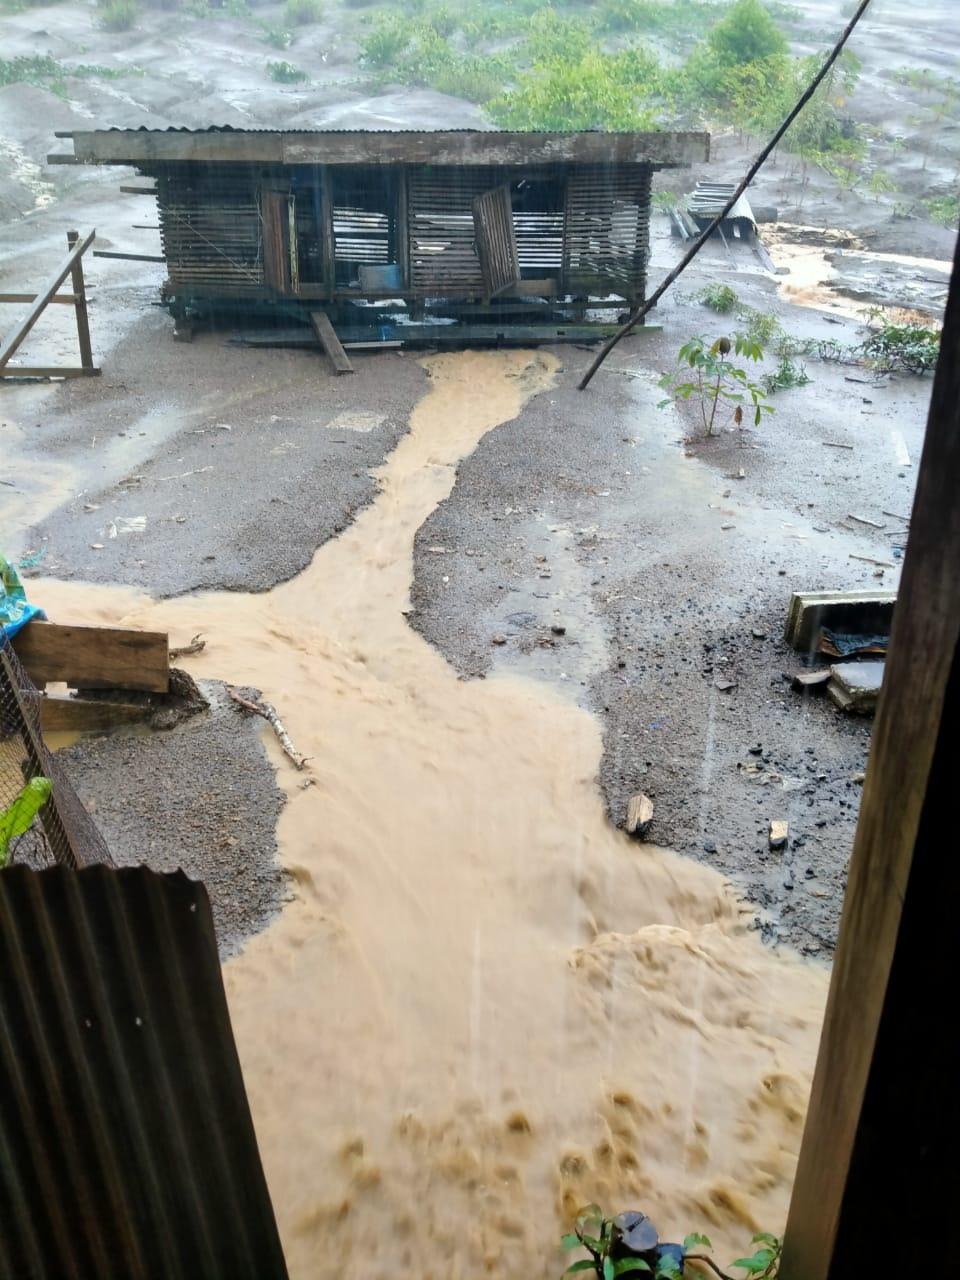 Limbah Lumpur Dari Garapan, Terjang Pemukiman Warga Pangkuh Kala Hujan.